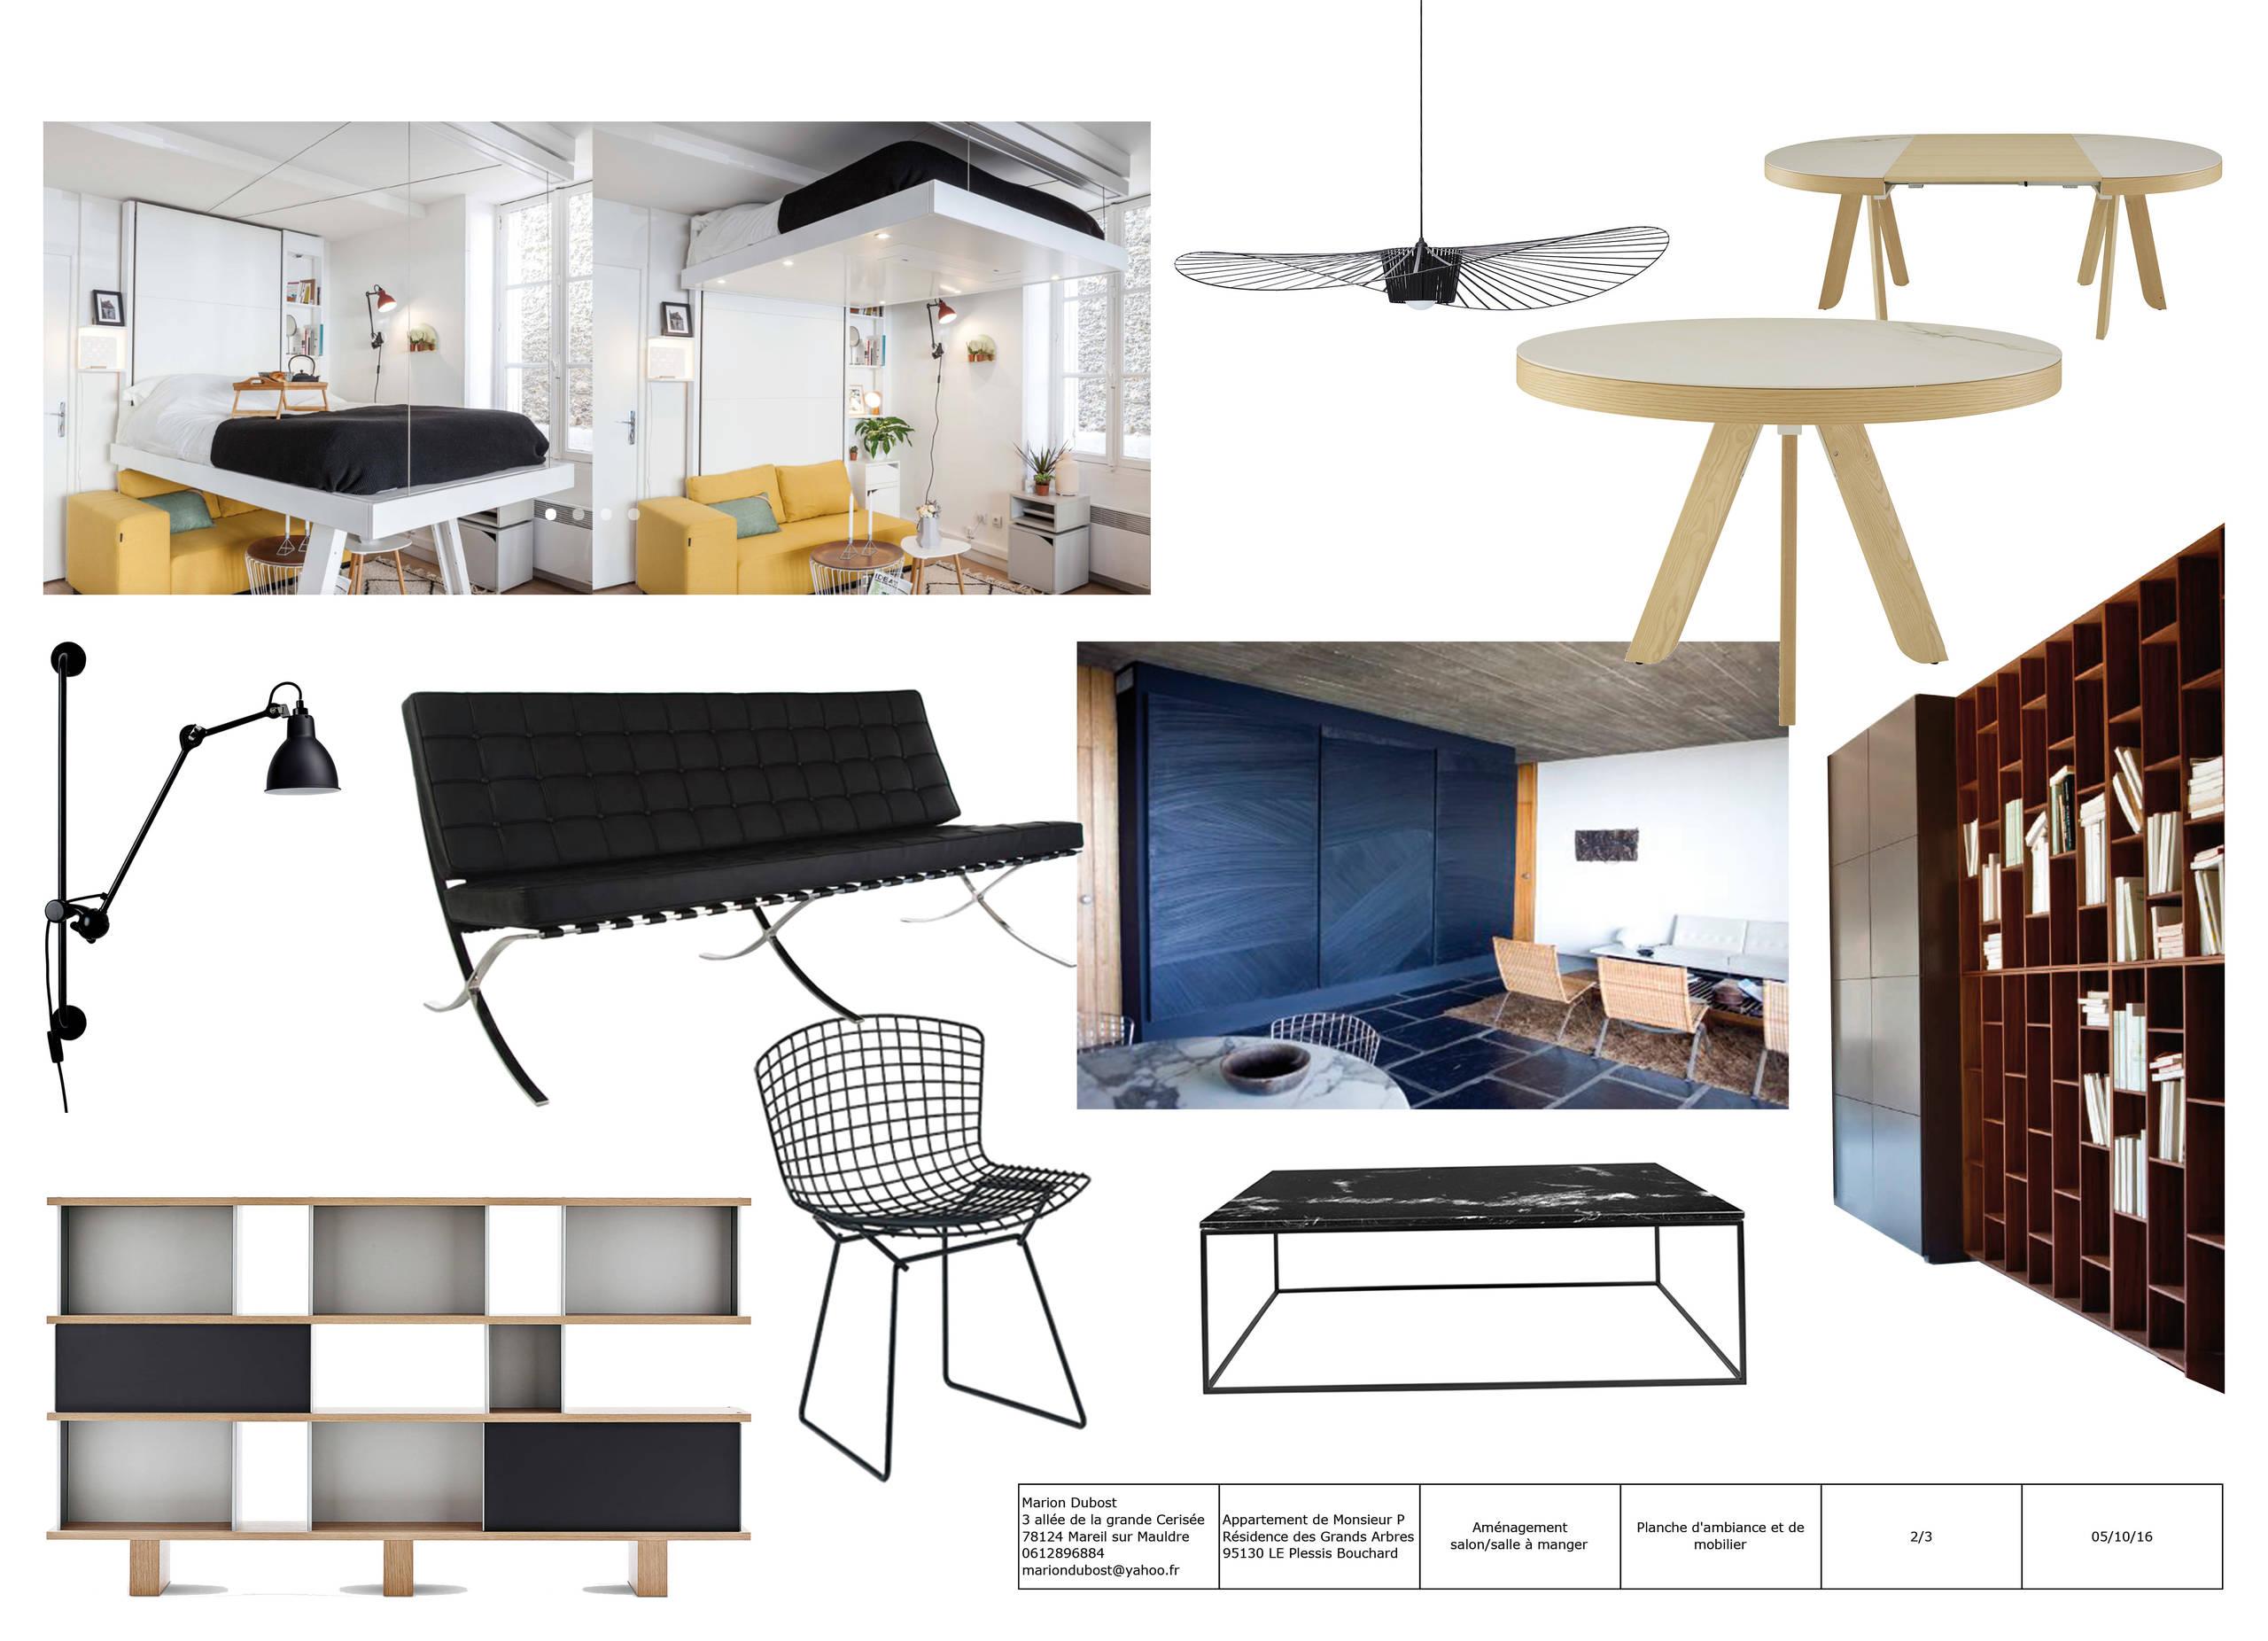 Planche mobilier pour un appartement